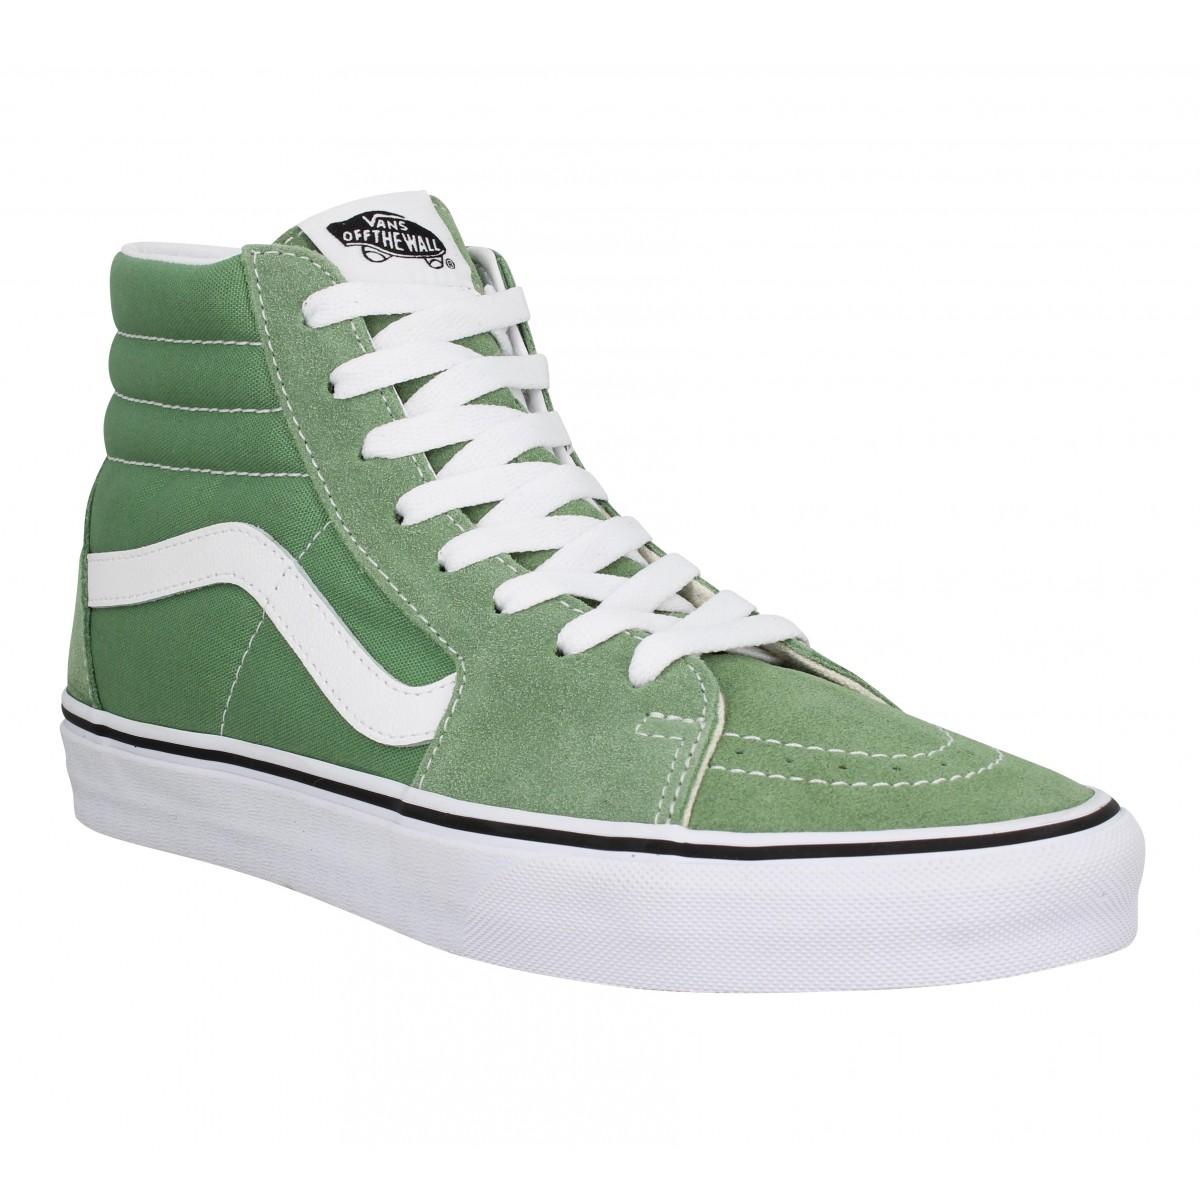 Baskets VANS SK8 Hi velours toile Green